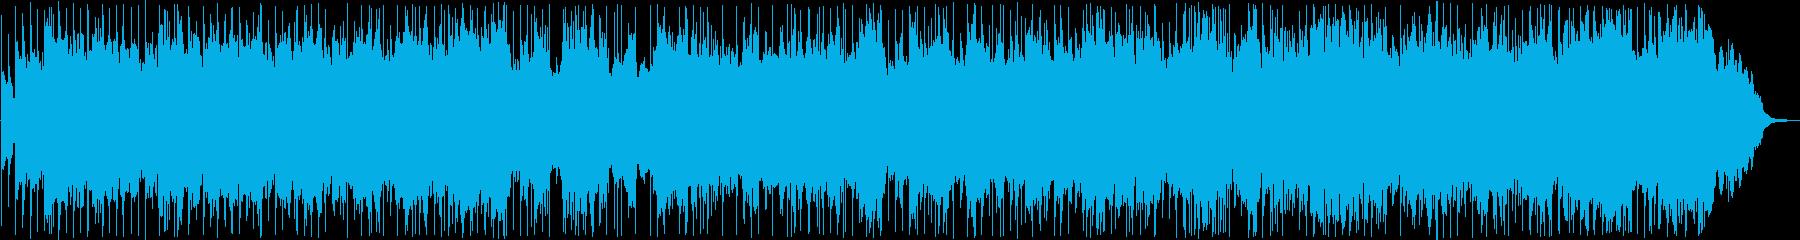 なーくにー / 沖縄民謡の再生済みの波形